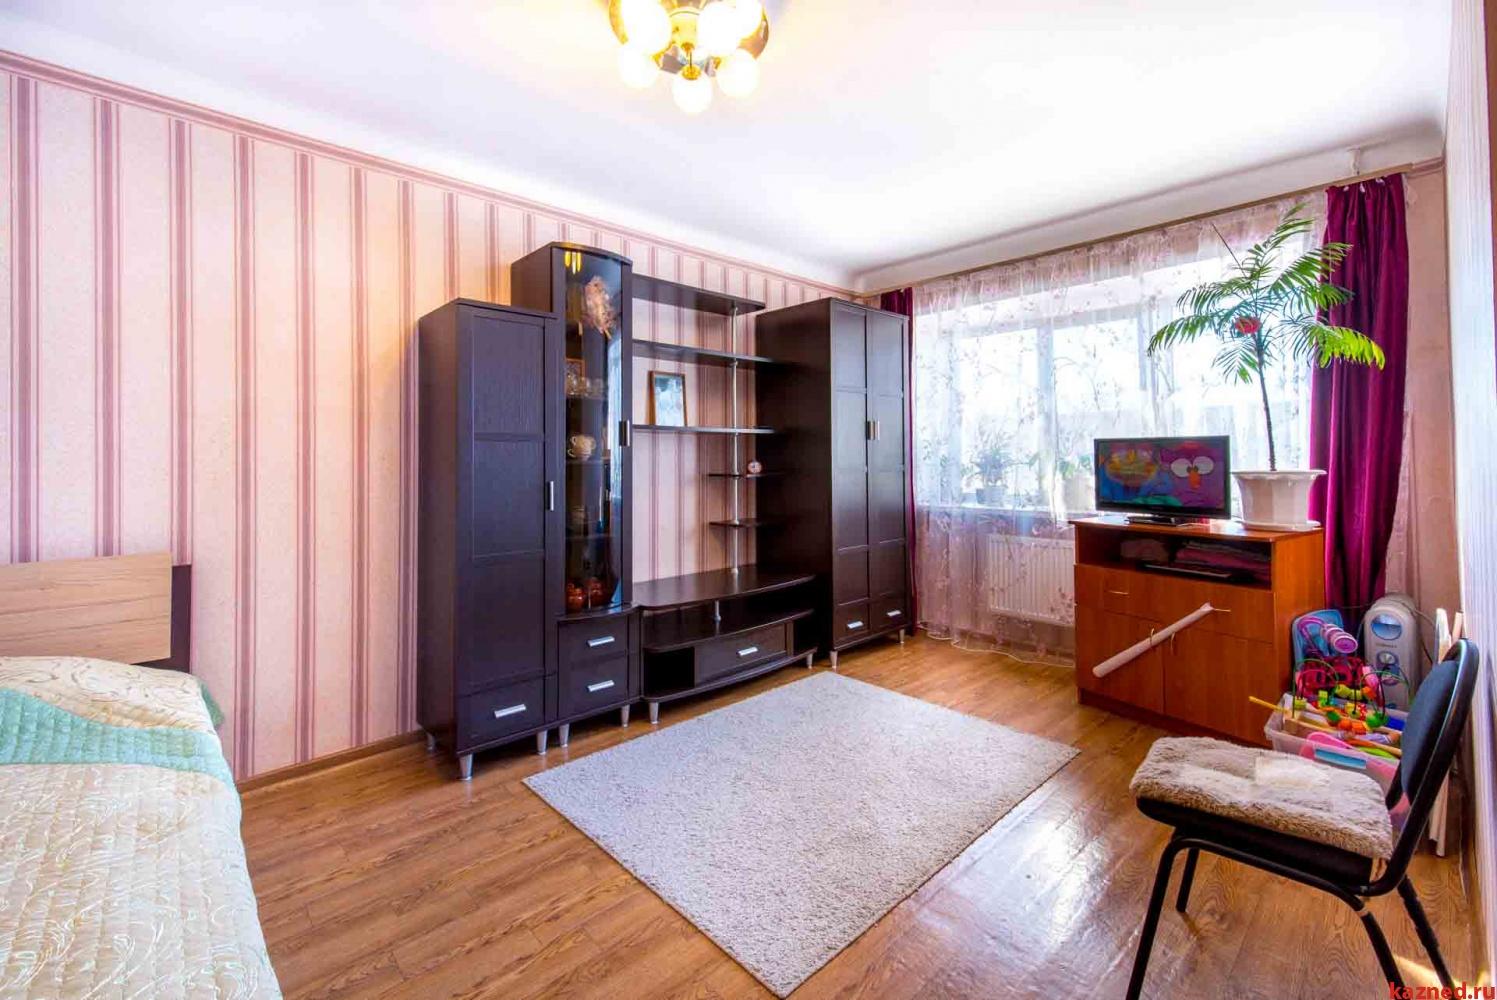 Продажа 1-к квартиры Качалова 82/19, 31 м²  (миниатюра №2)